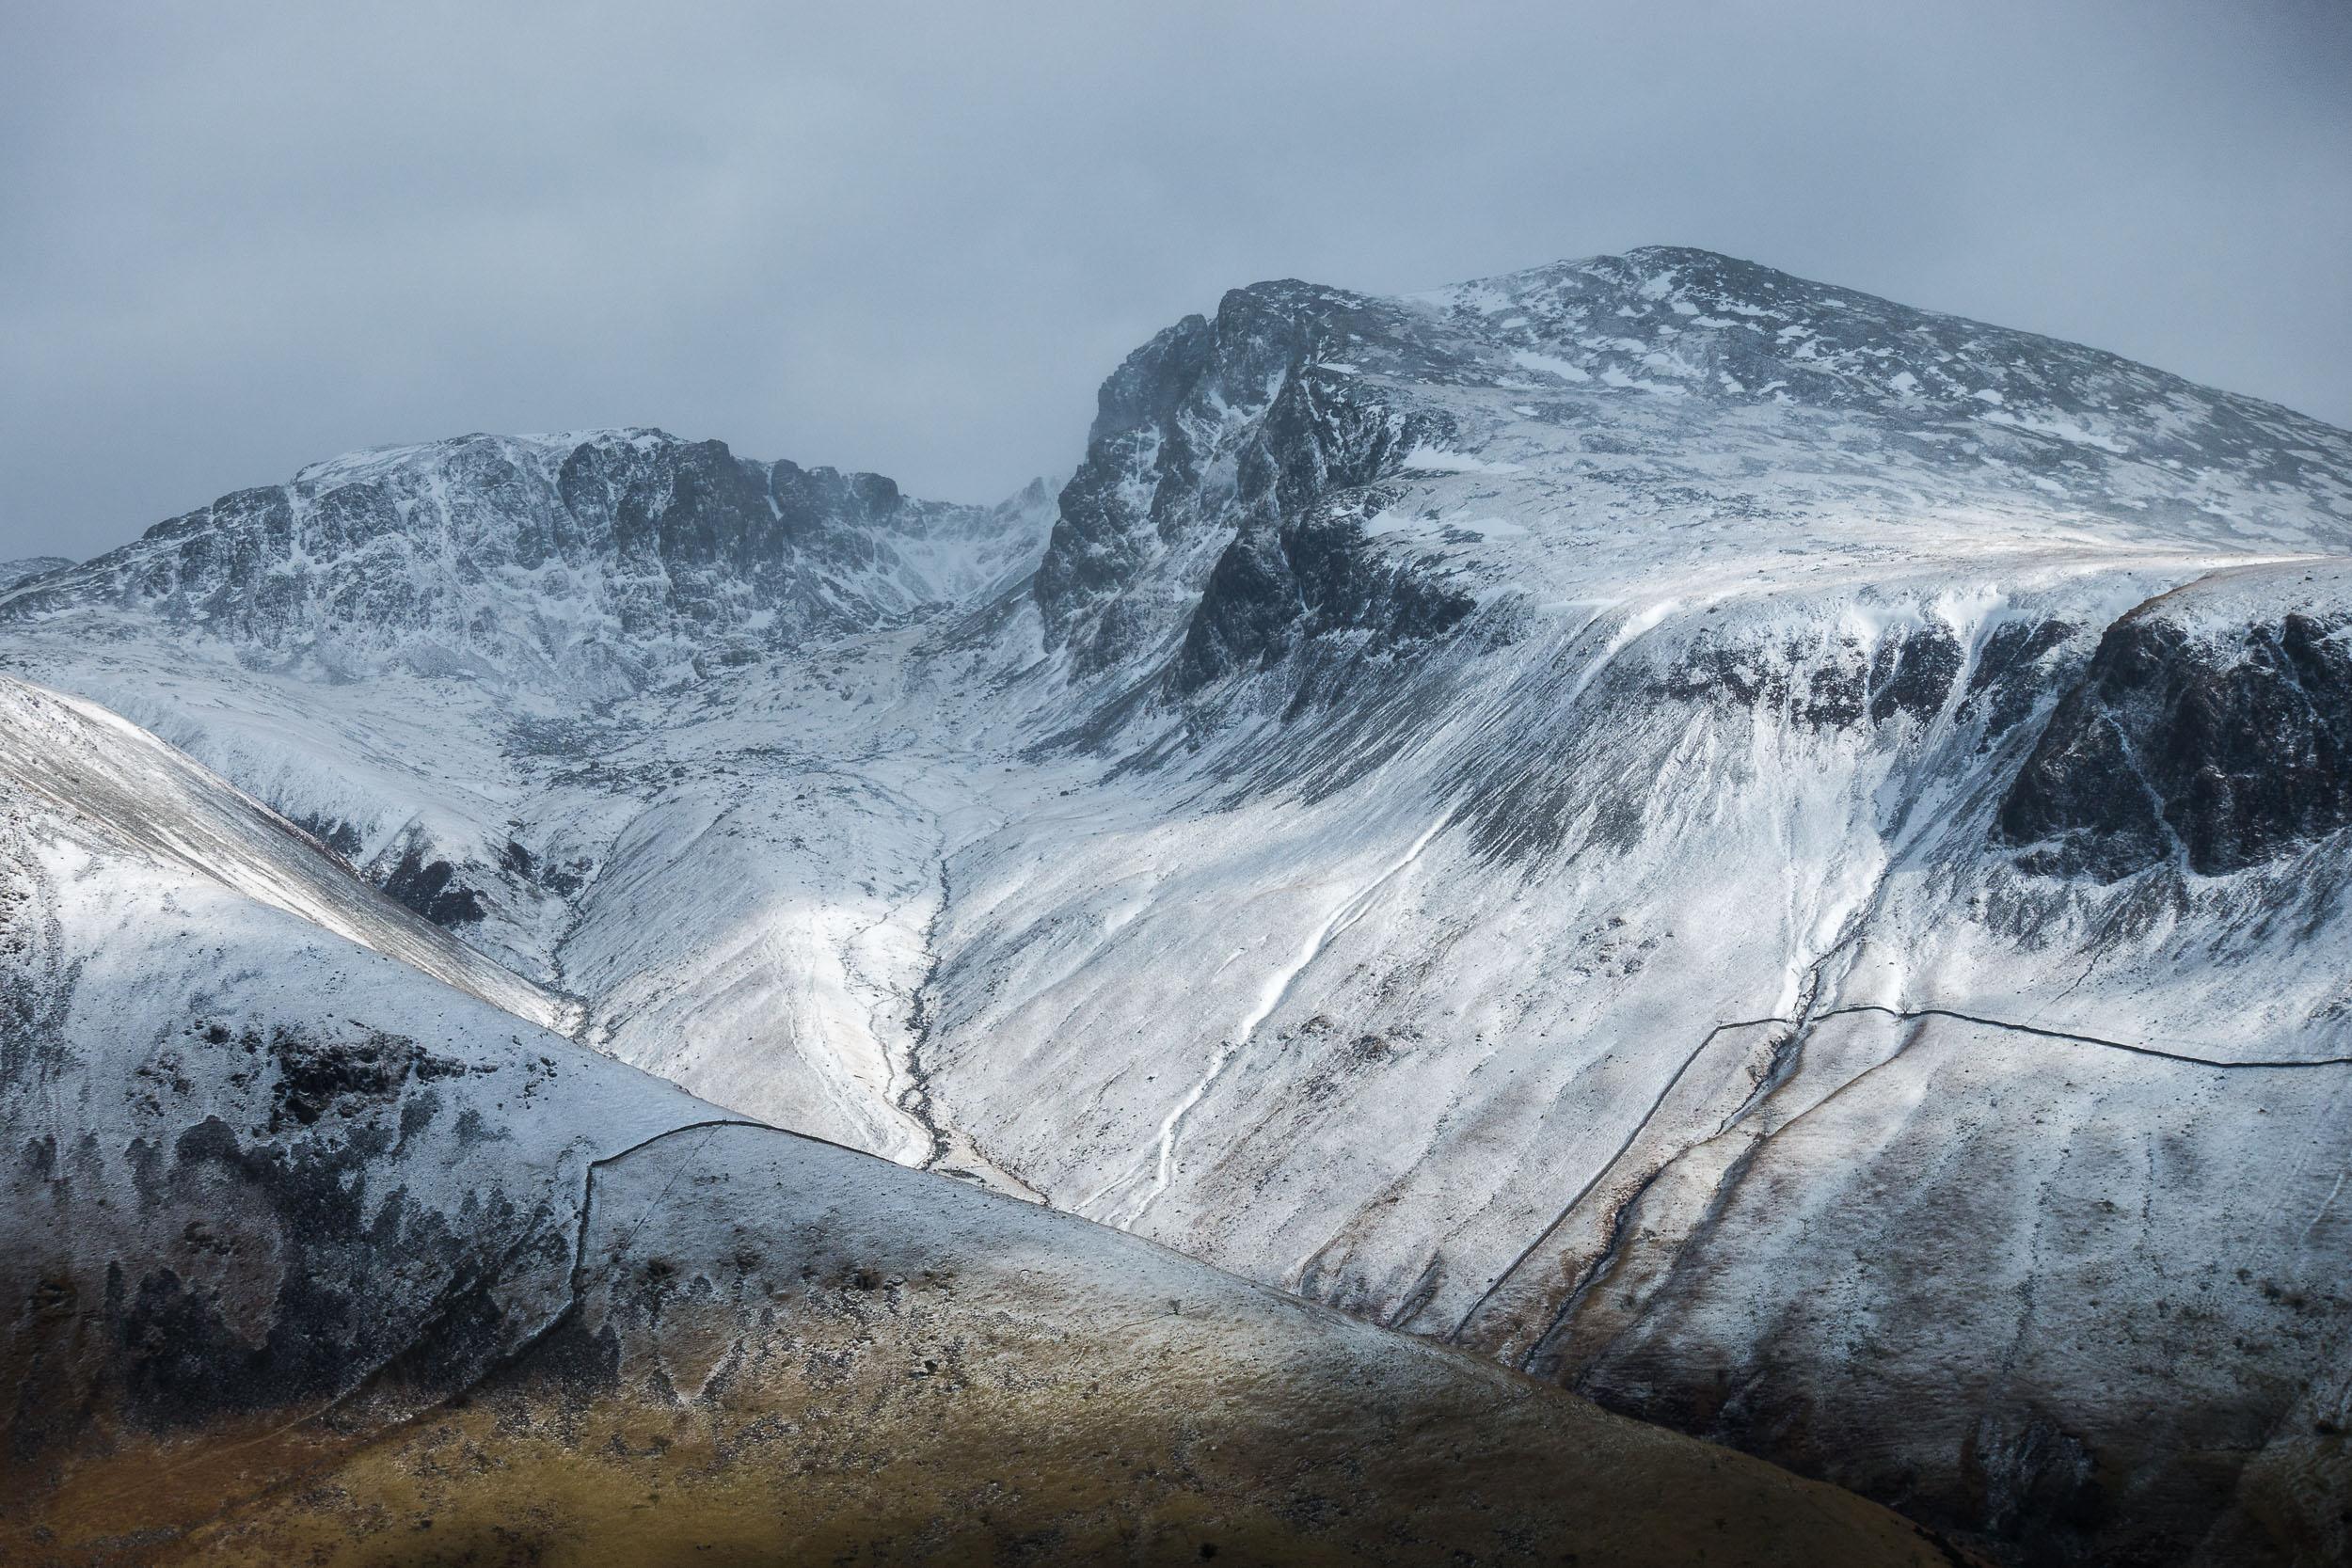 Mountain landscape - Lake District